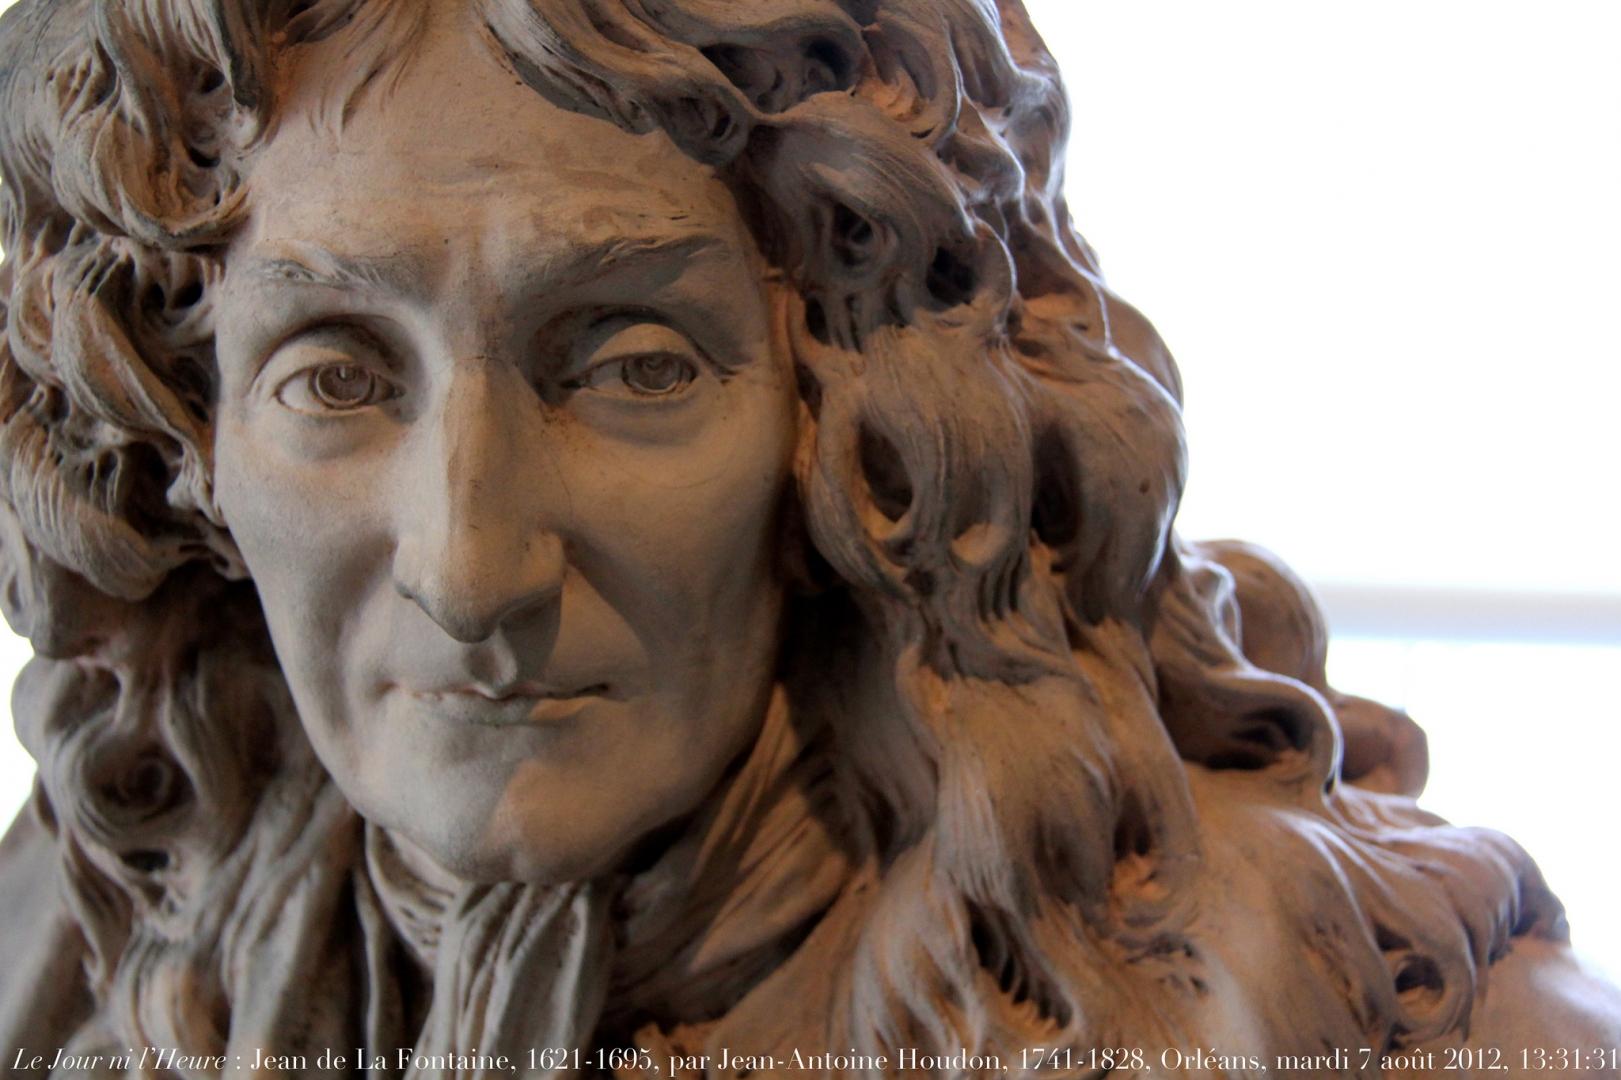 Жан-Антуан Гудон. Жан де Лафонтен. Бюст. 1780